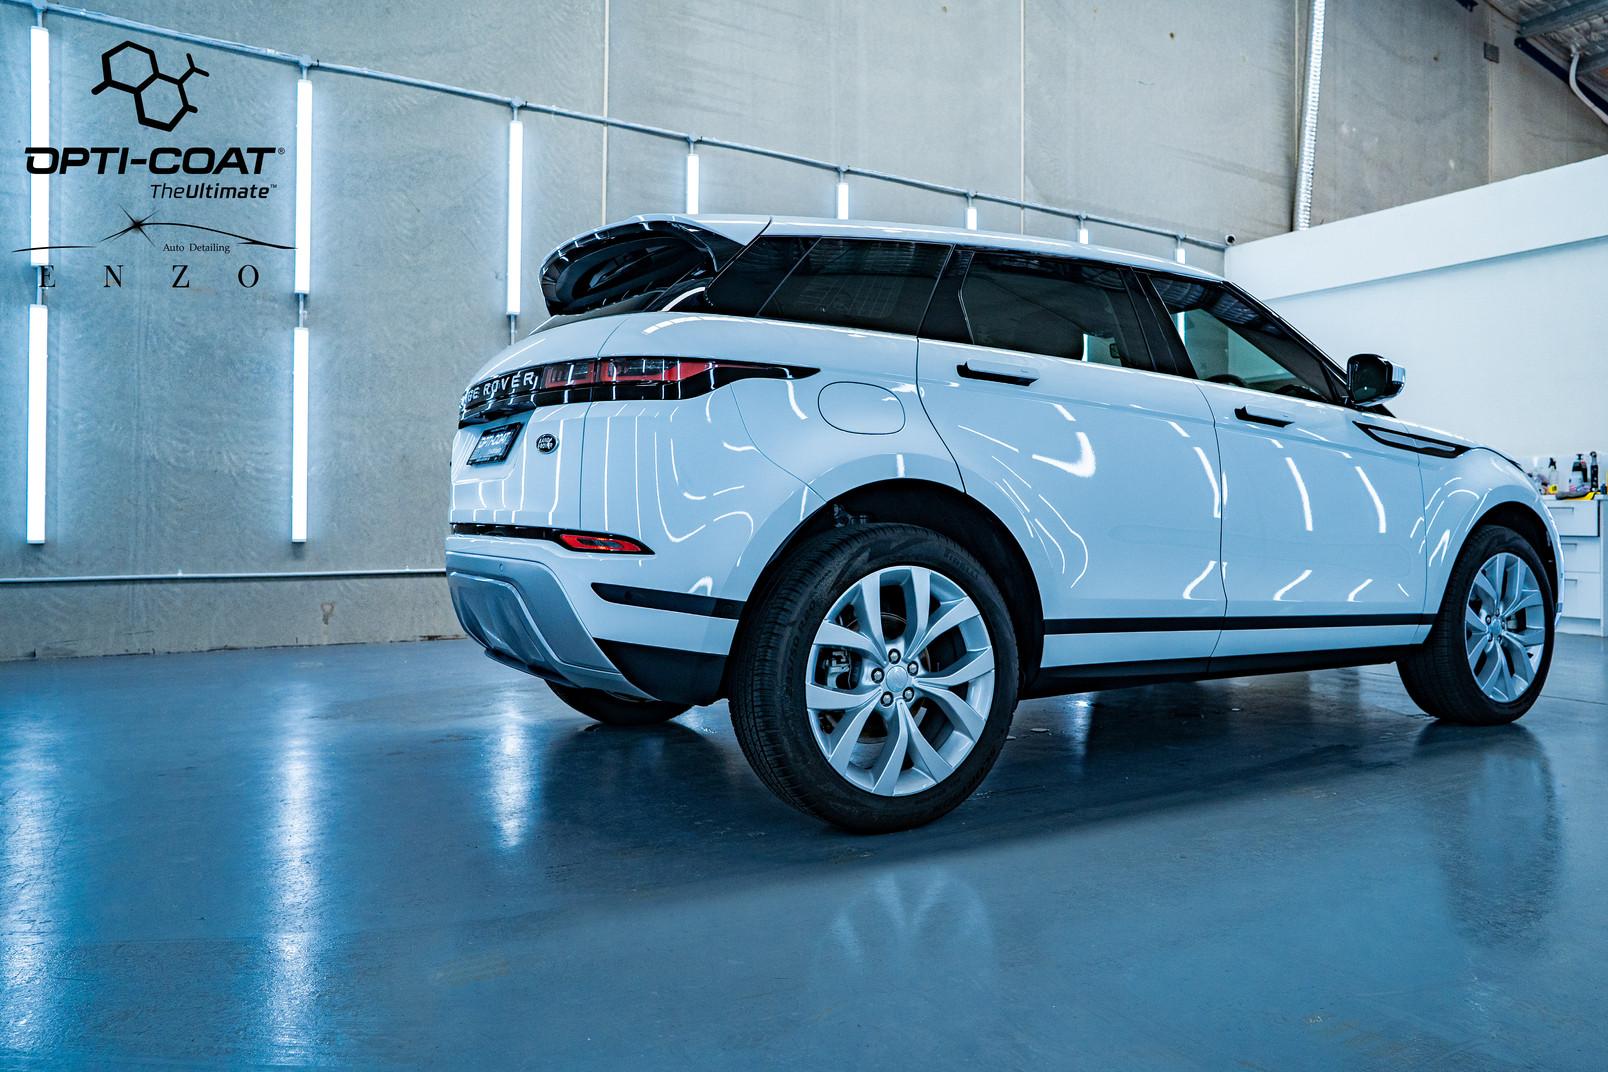 2020 Land Rover Range Rover Evoque - Opti-Coat Pro+